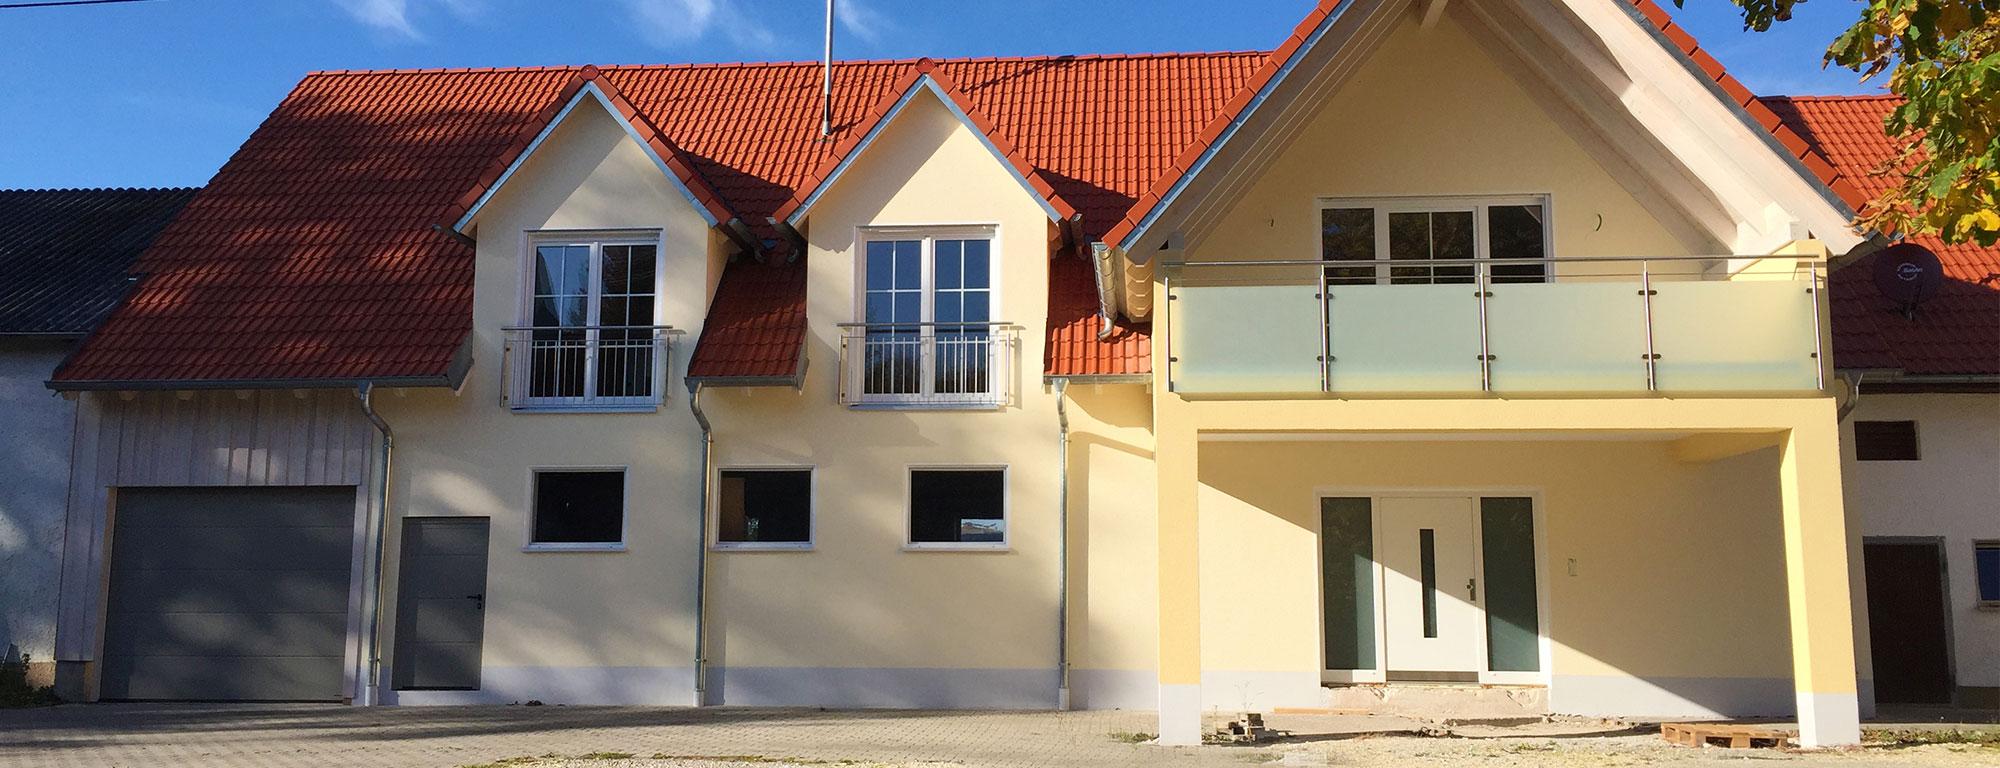 Vom ehemaligen Stall zum modernen und ansehnlichen Wohnhaus